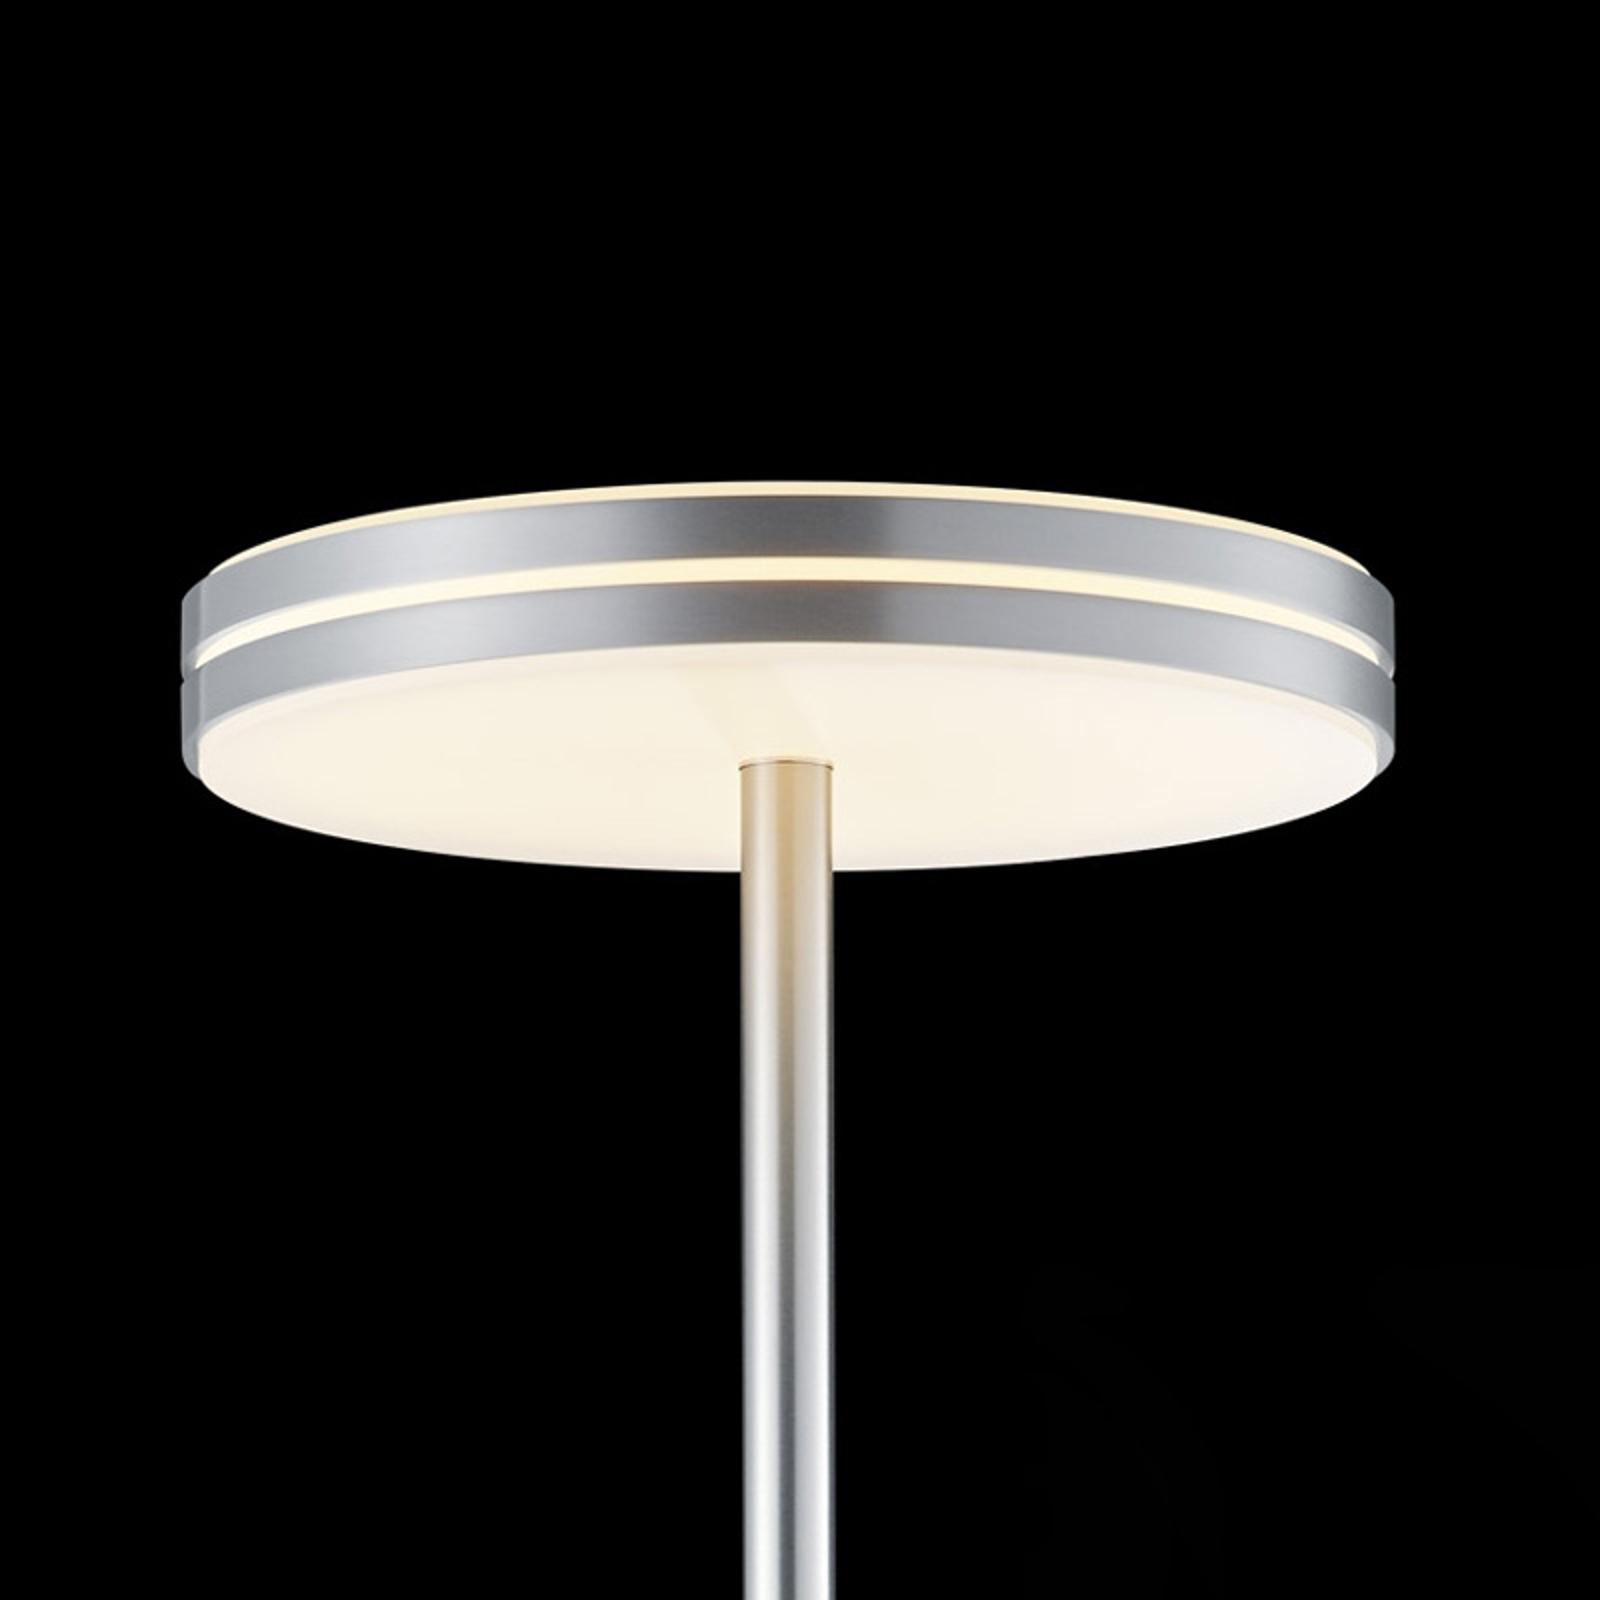 BANKAMP Gem lampada LED da terra con touchdimmer